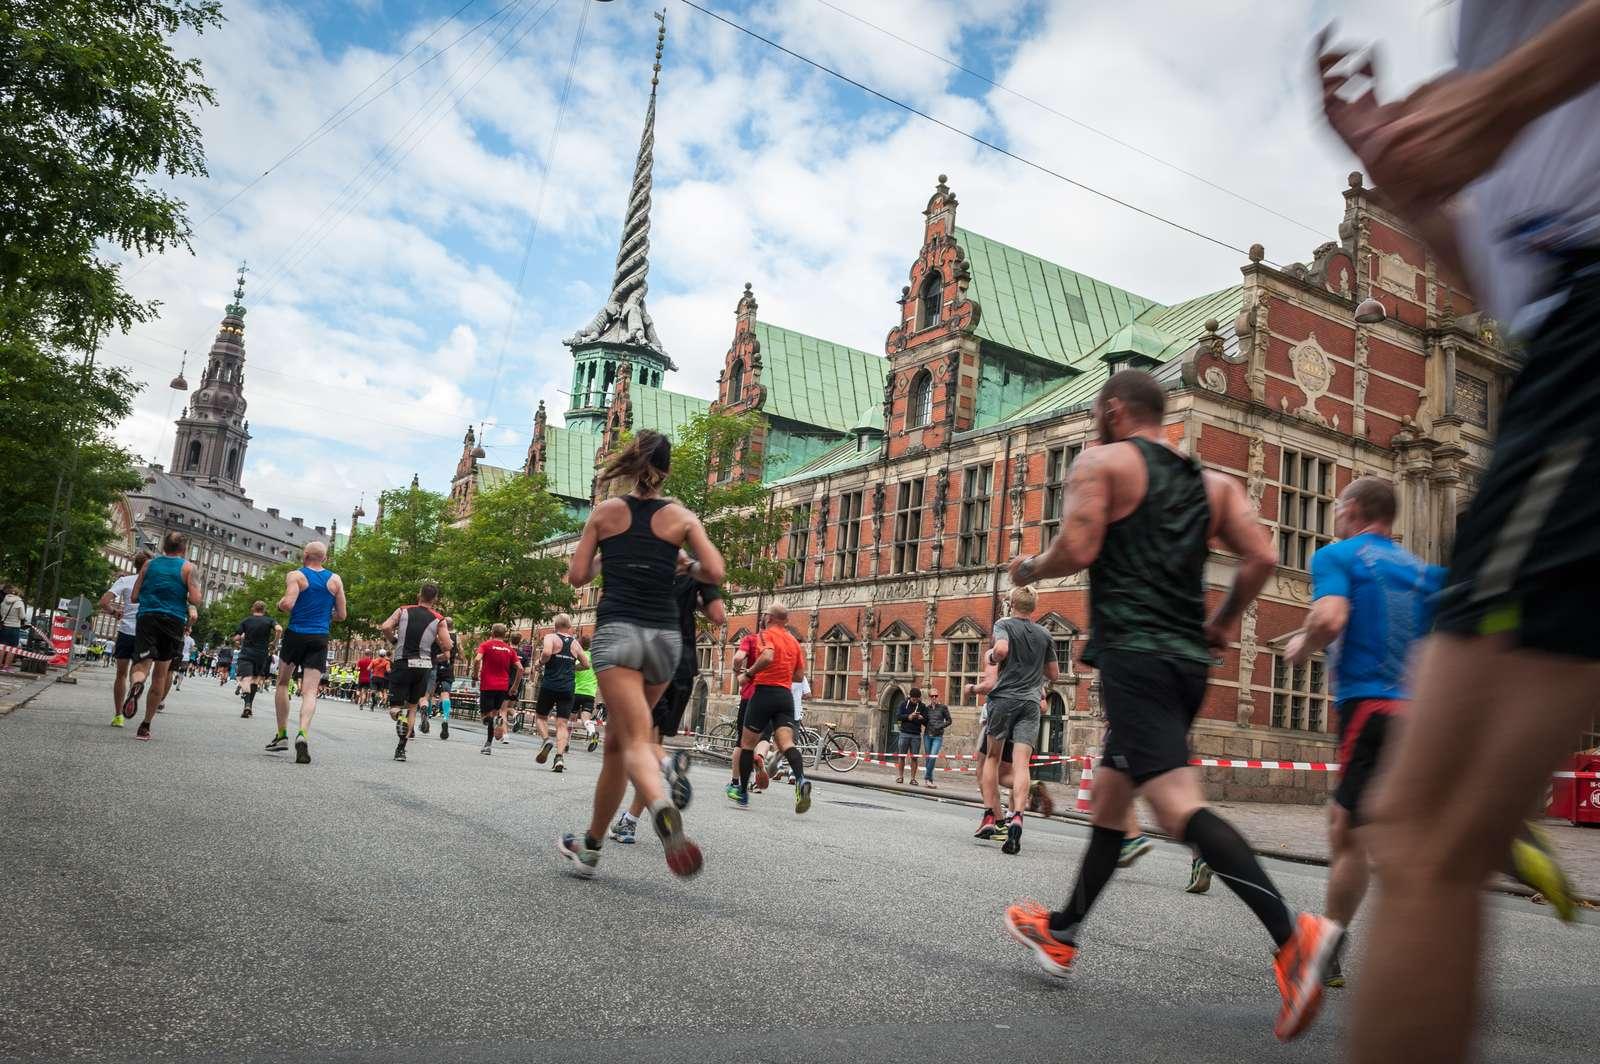 Mange organisationer af blandt andet store sports events i København har protesteret mod kommunens beslutning om at nedprioritere Wonderful Copenhagen. Foto: Wonderful Copenhagen.